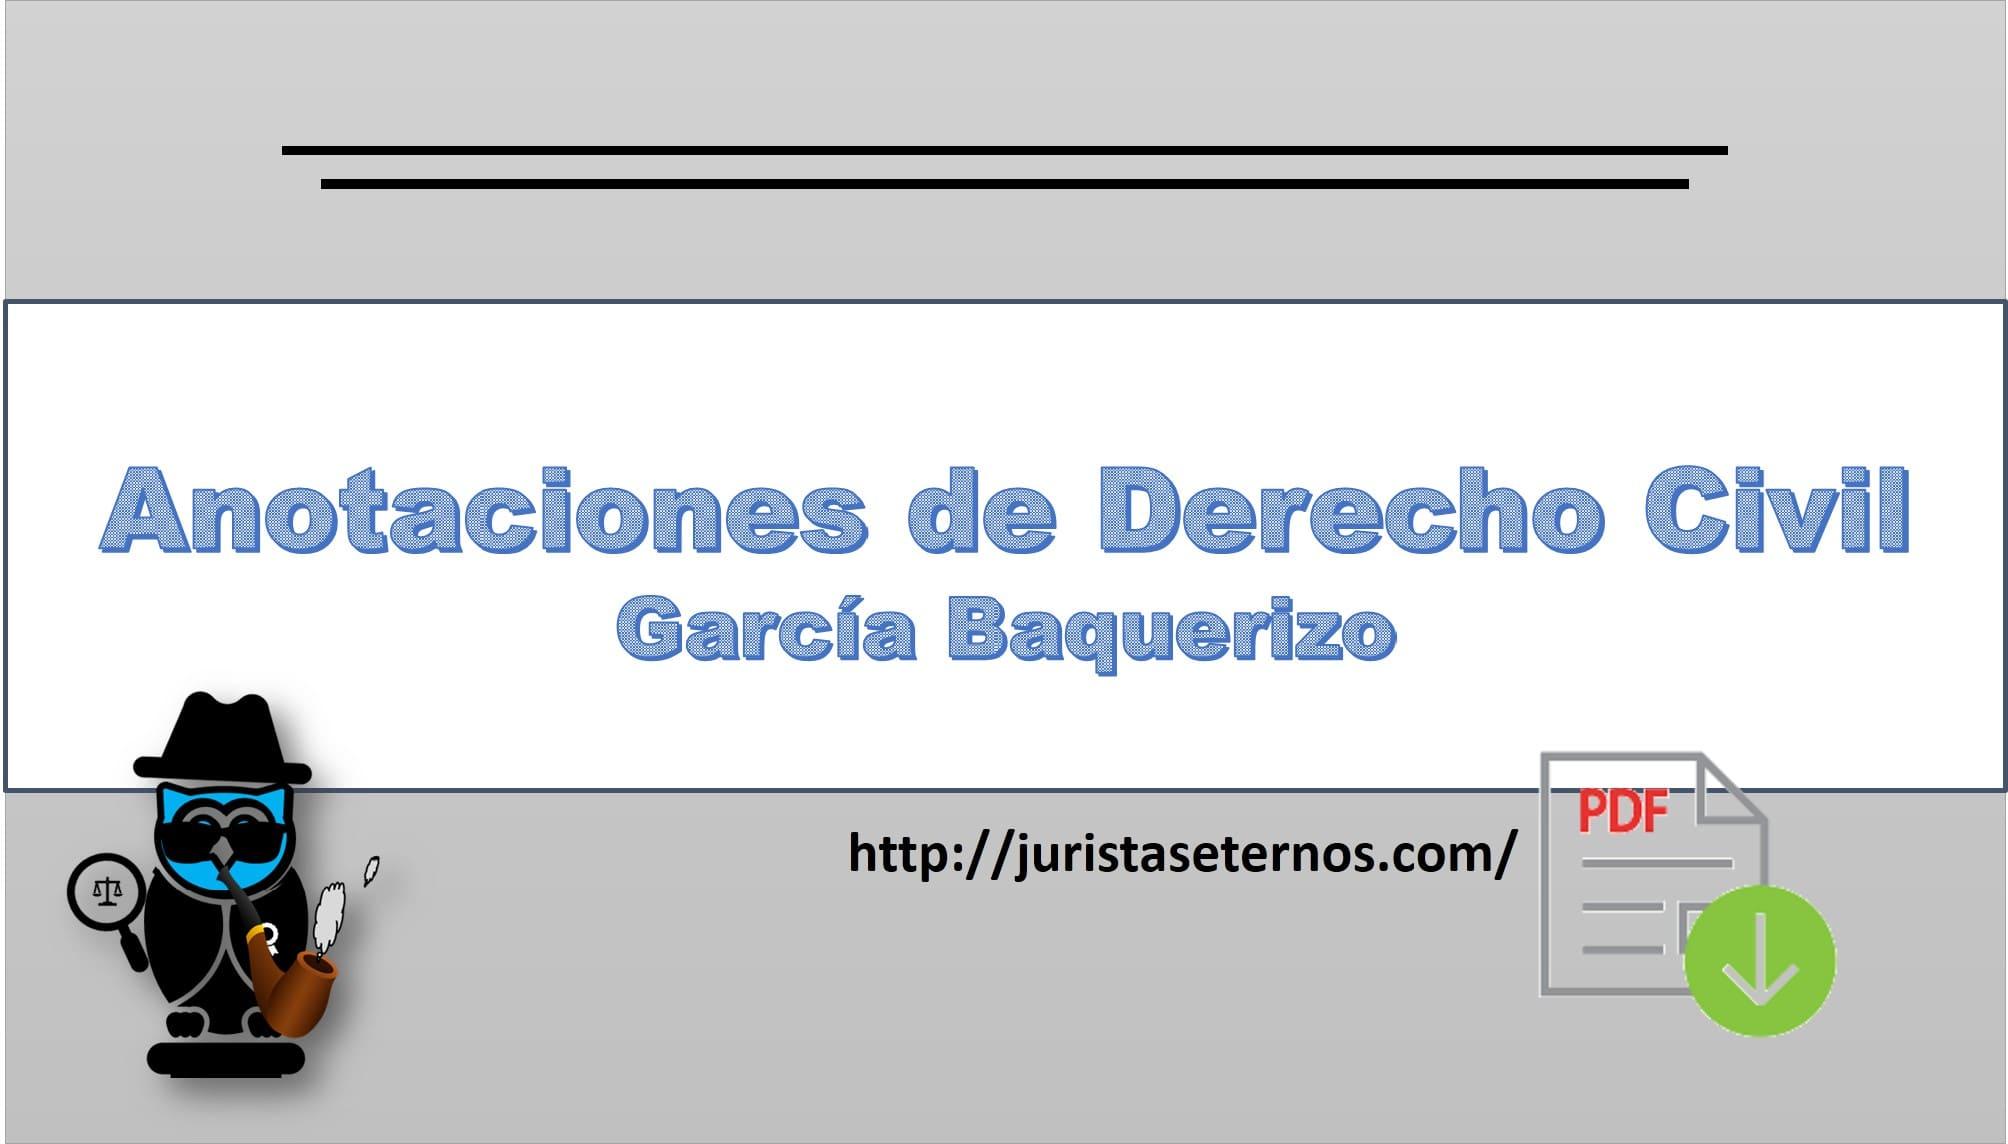 anotaciones de derecho civil garcia baquerizo pdf